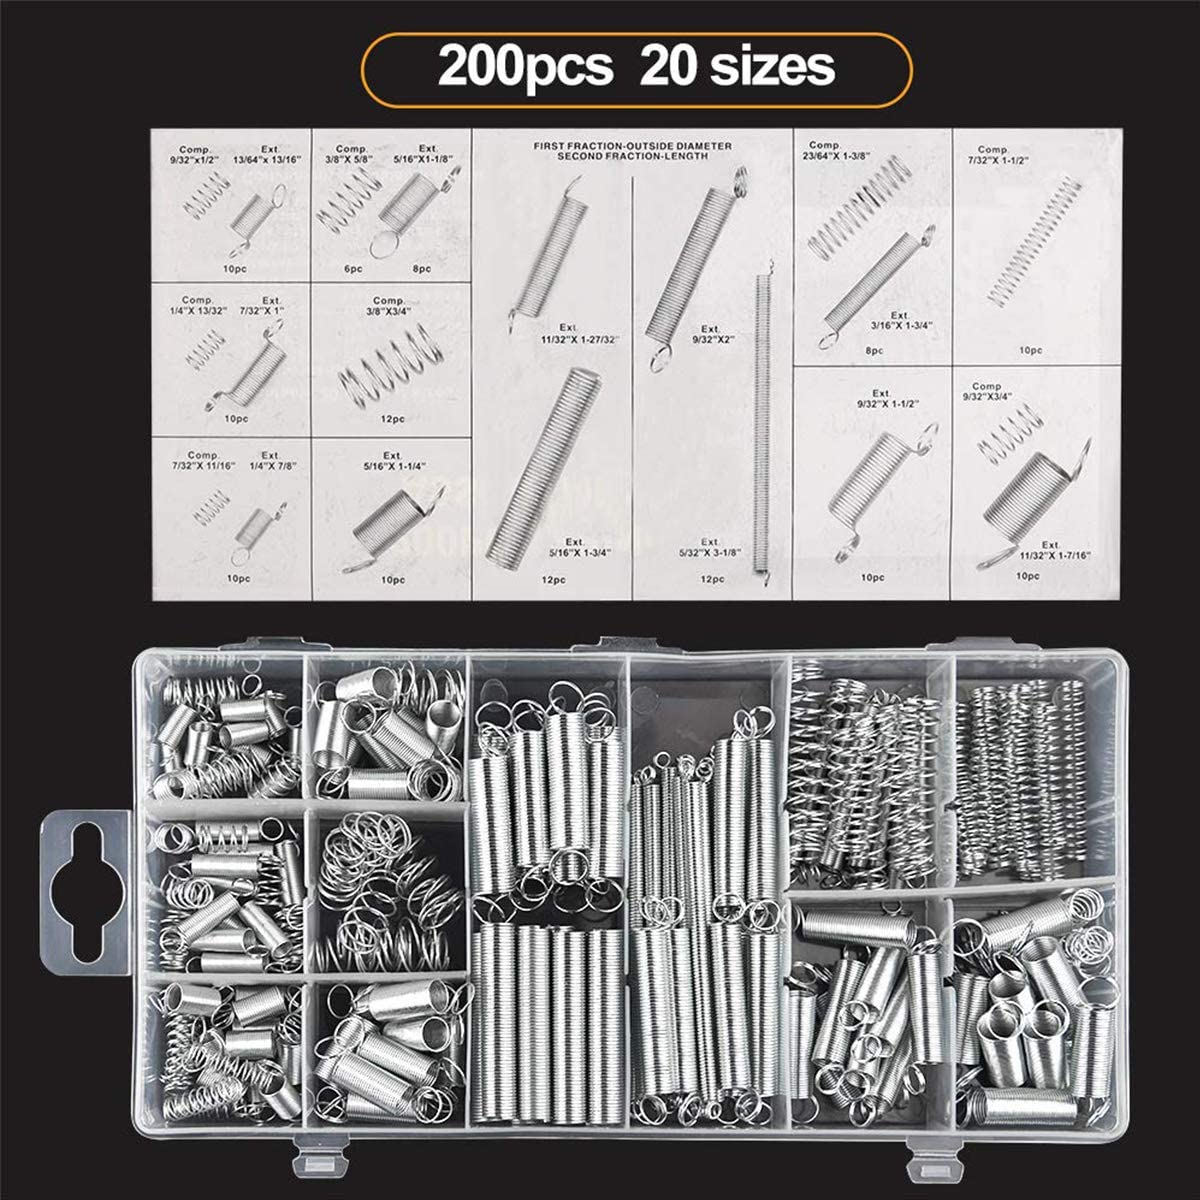 Metallspannfeder-Set 200 St/ück Druck-Verl/ängerungsfeder-Sortiment mit Aufbewahrungsbox verschiedene verzinkte Federn Federn sortiert Verl/ängerung und Kompressionsfedern